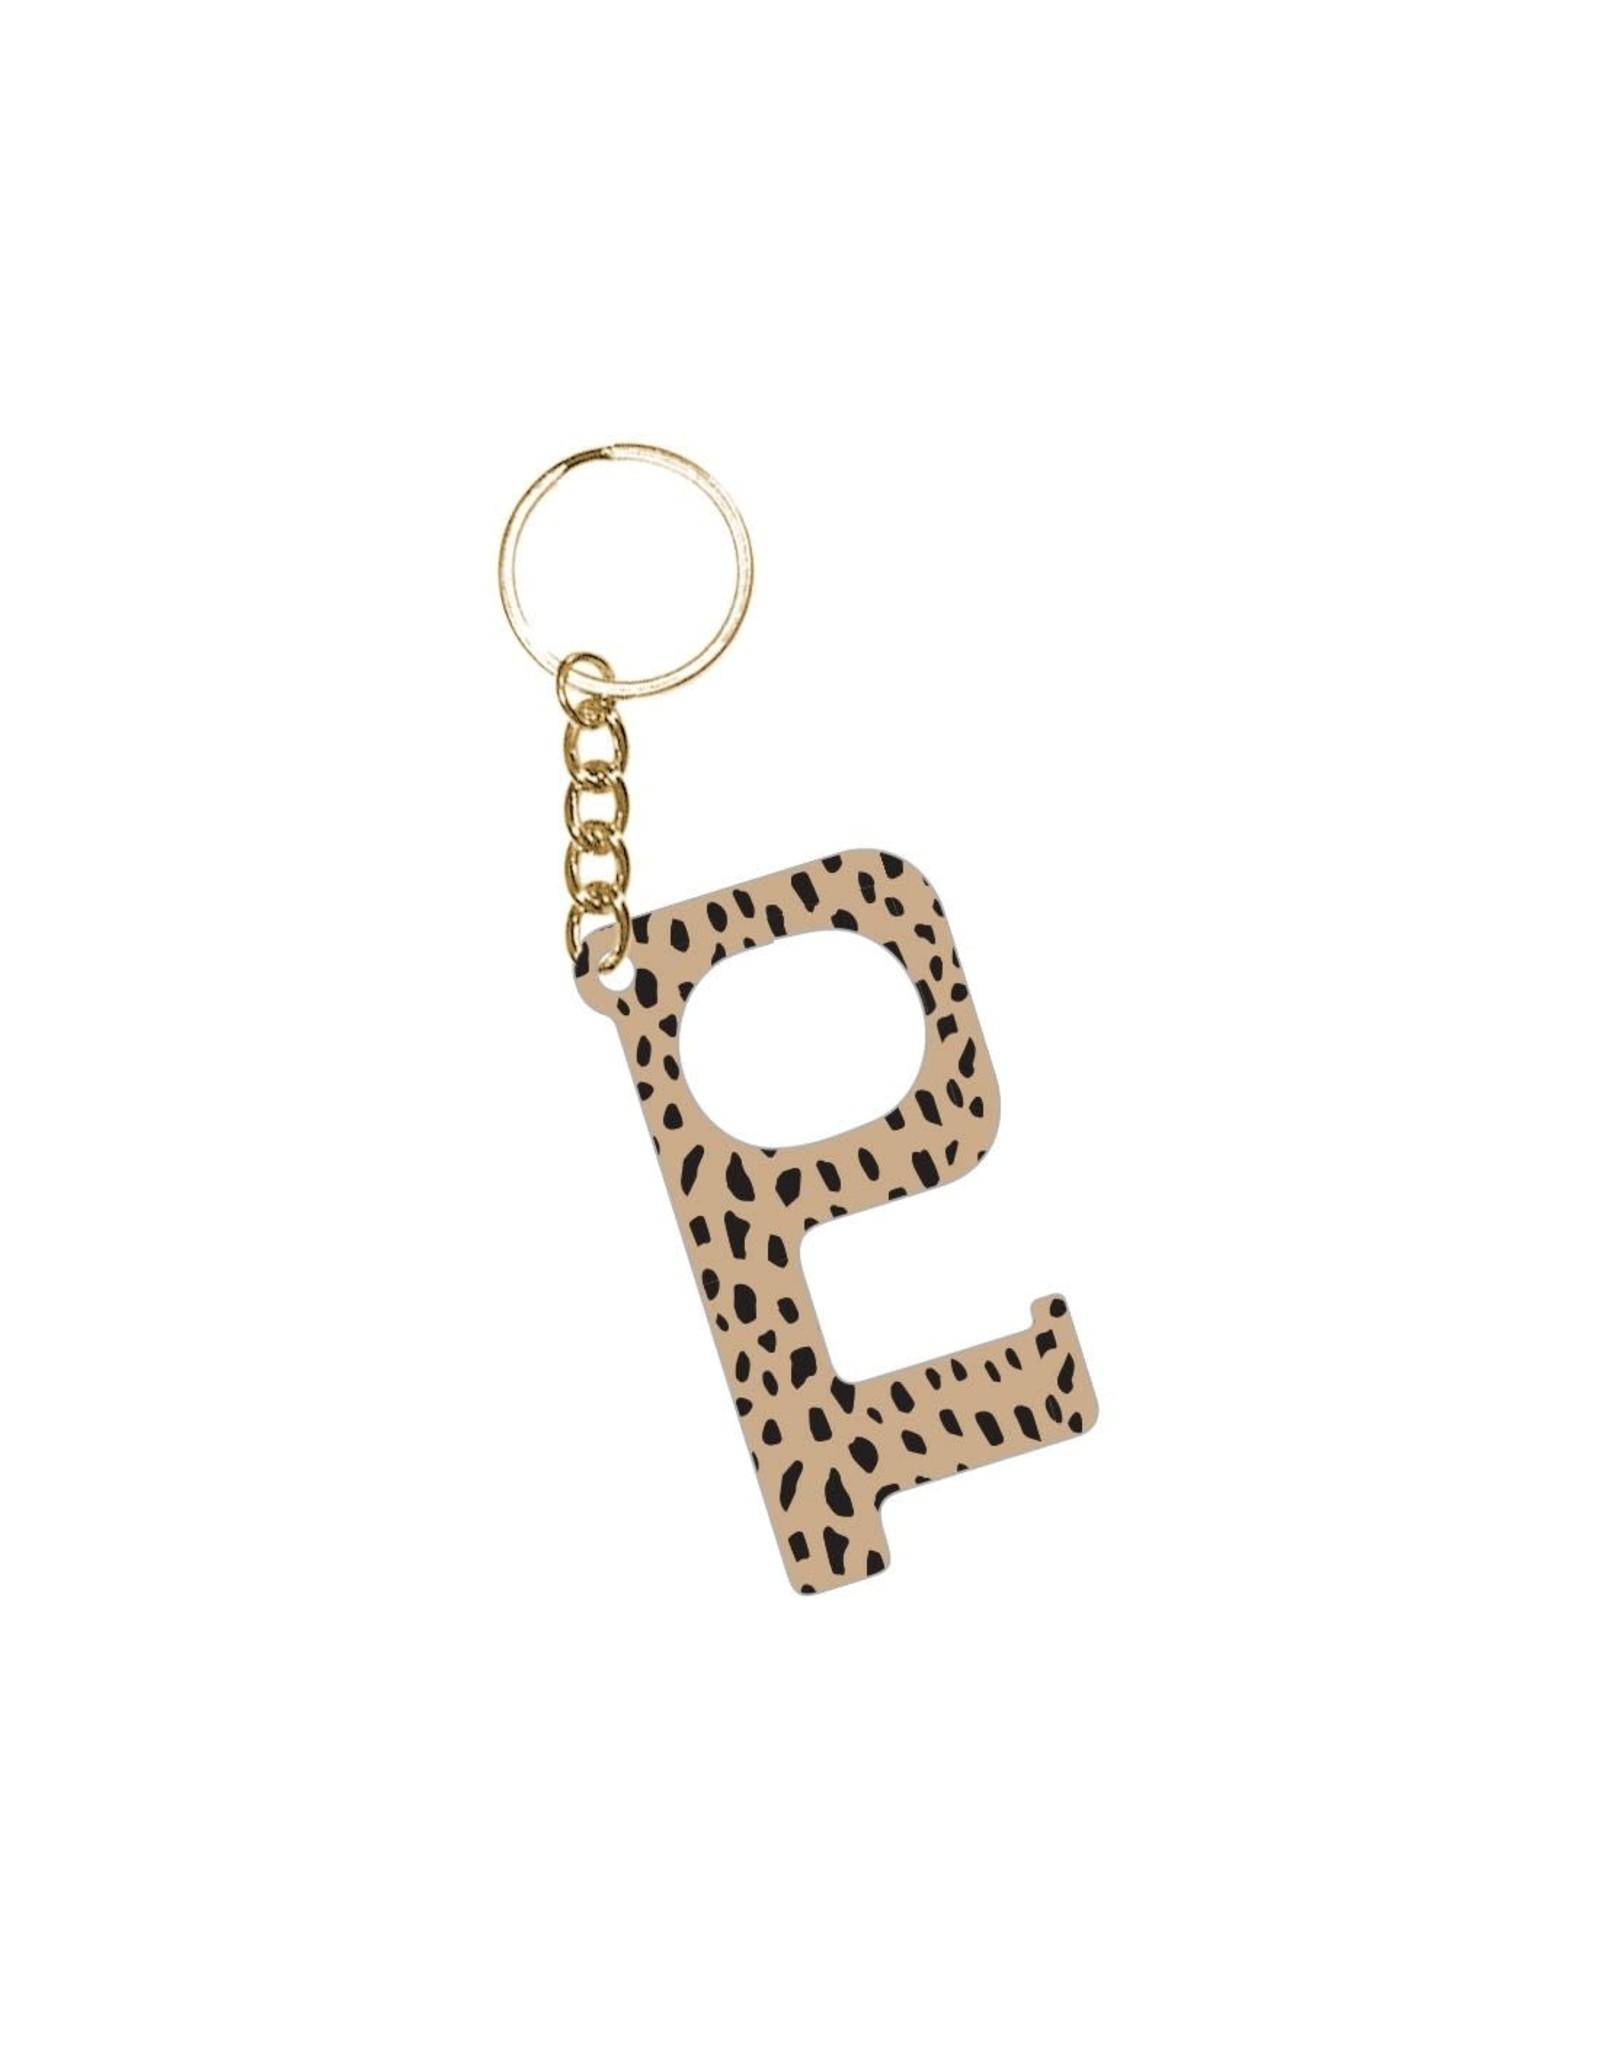 Acrylic Door Key, Cheetah